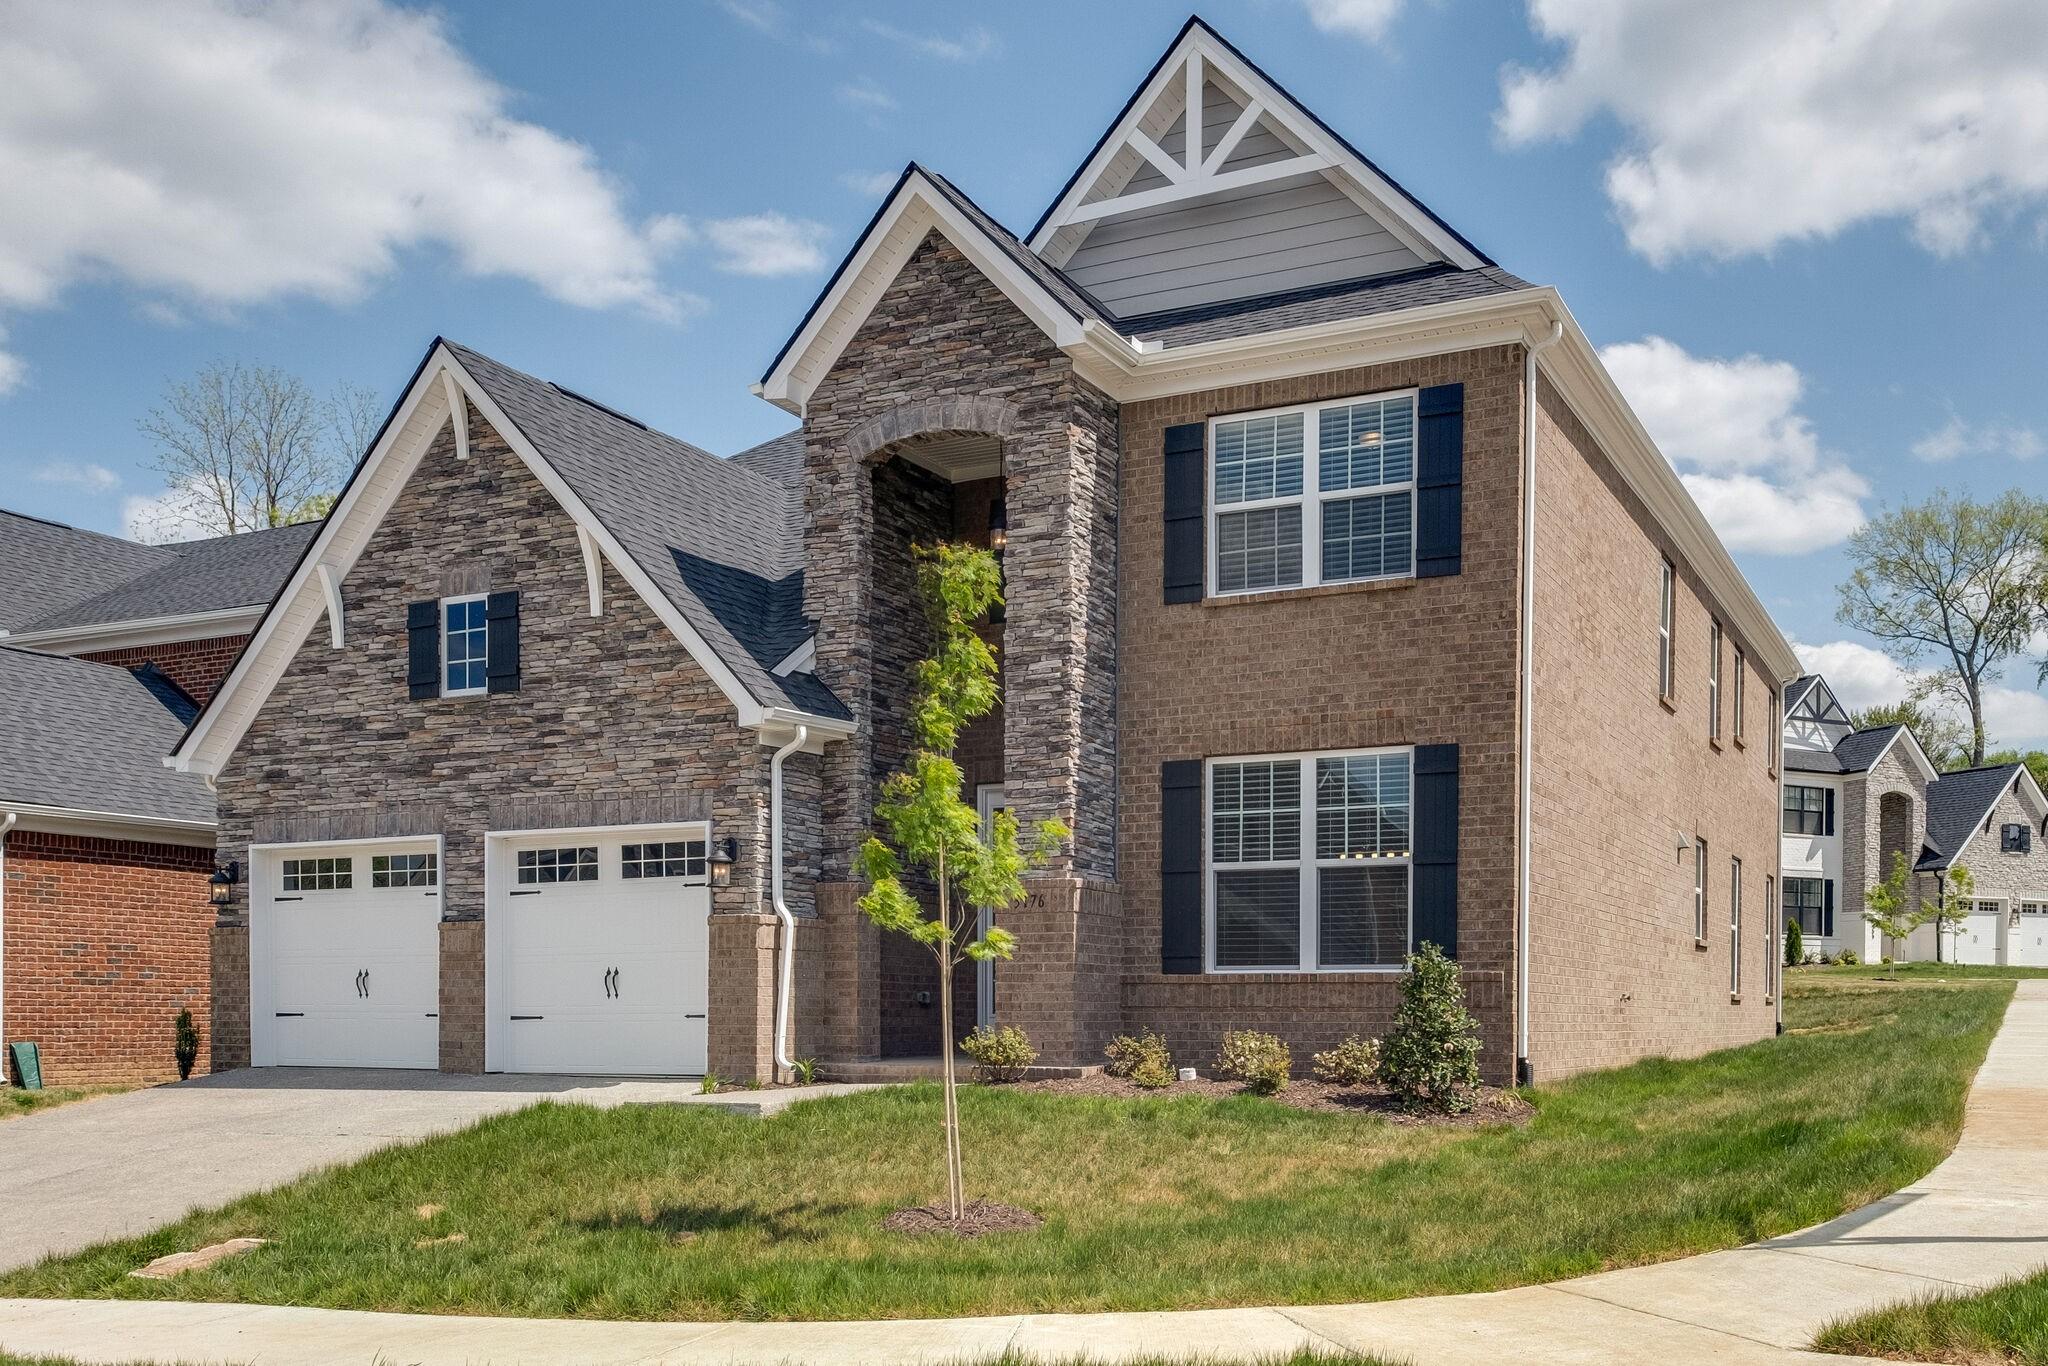 3176 Charles Park Dr Property Photo - Nashville, TN real estate listing